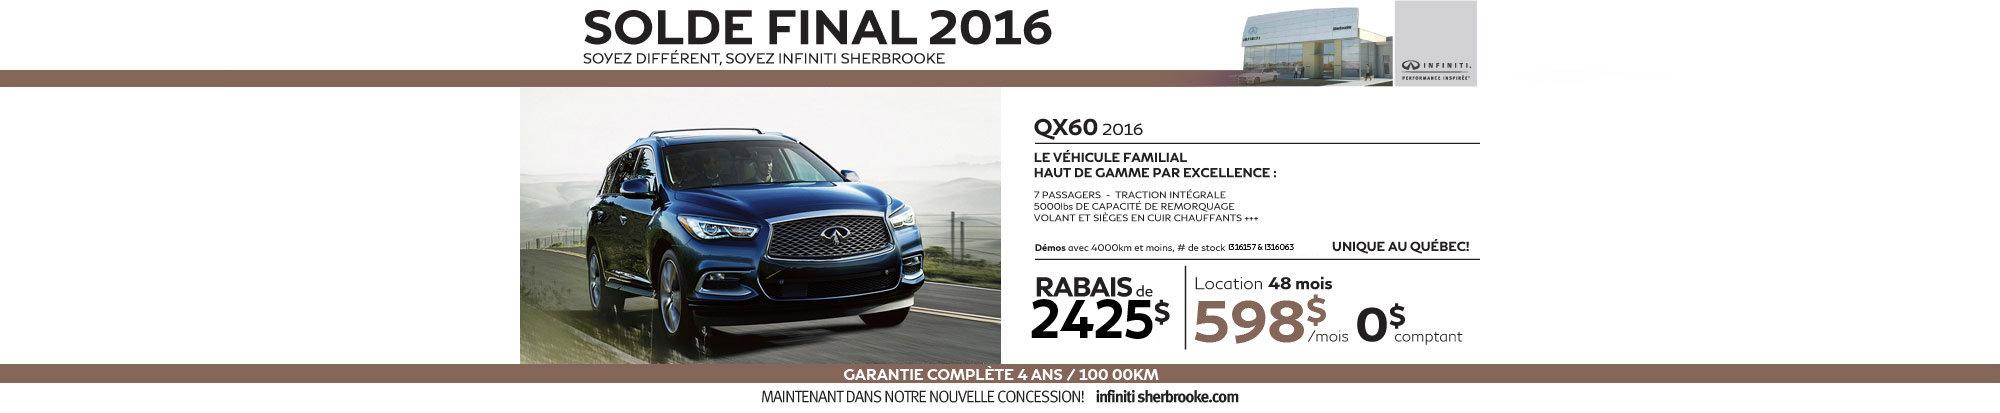 QX60 2016 - Septembre